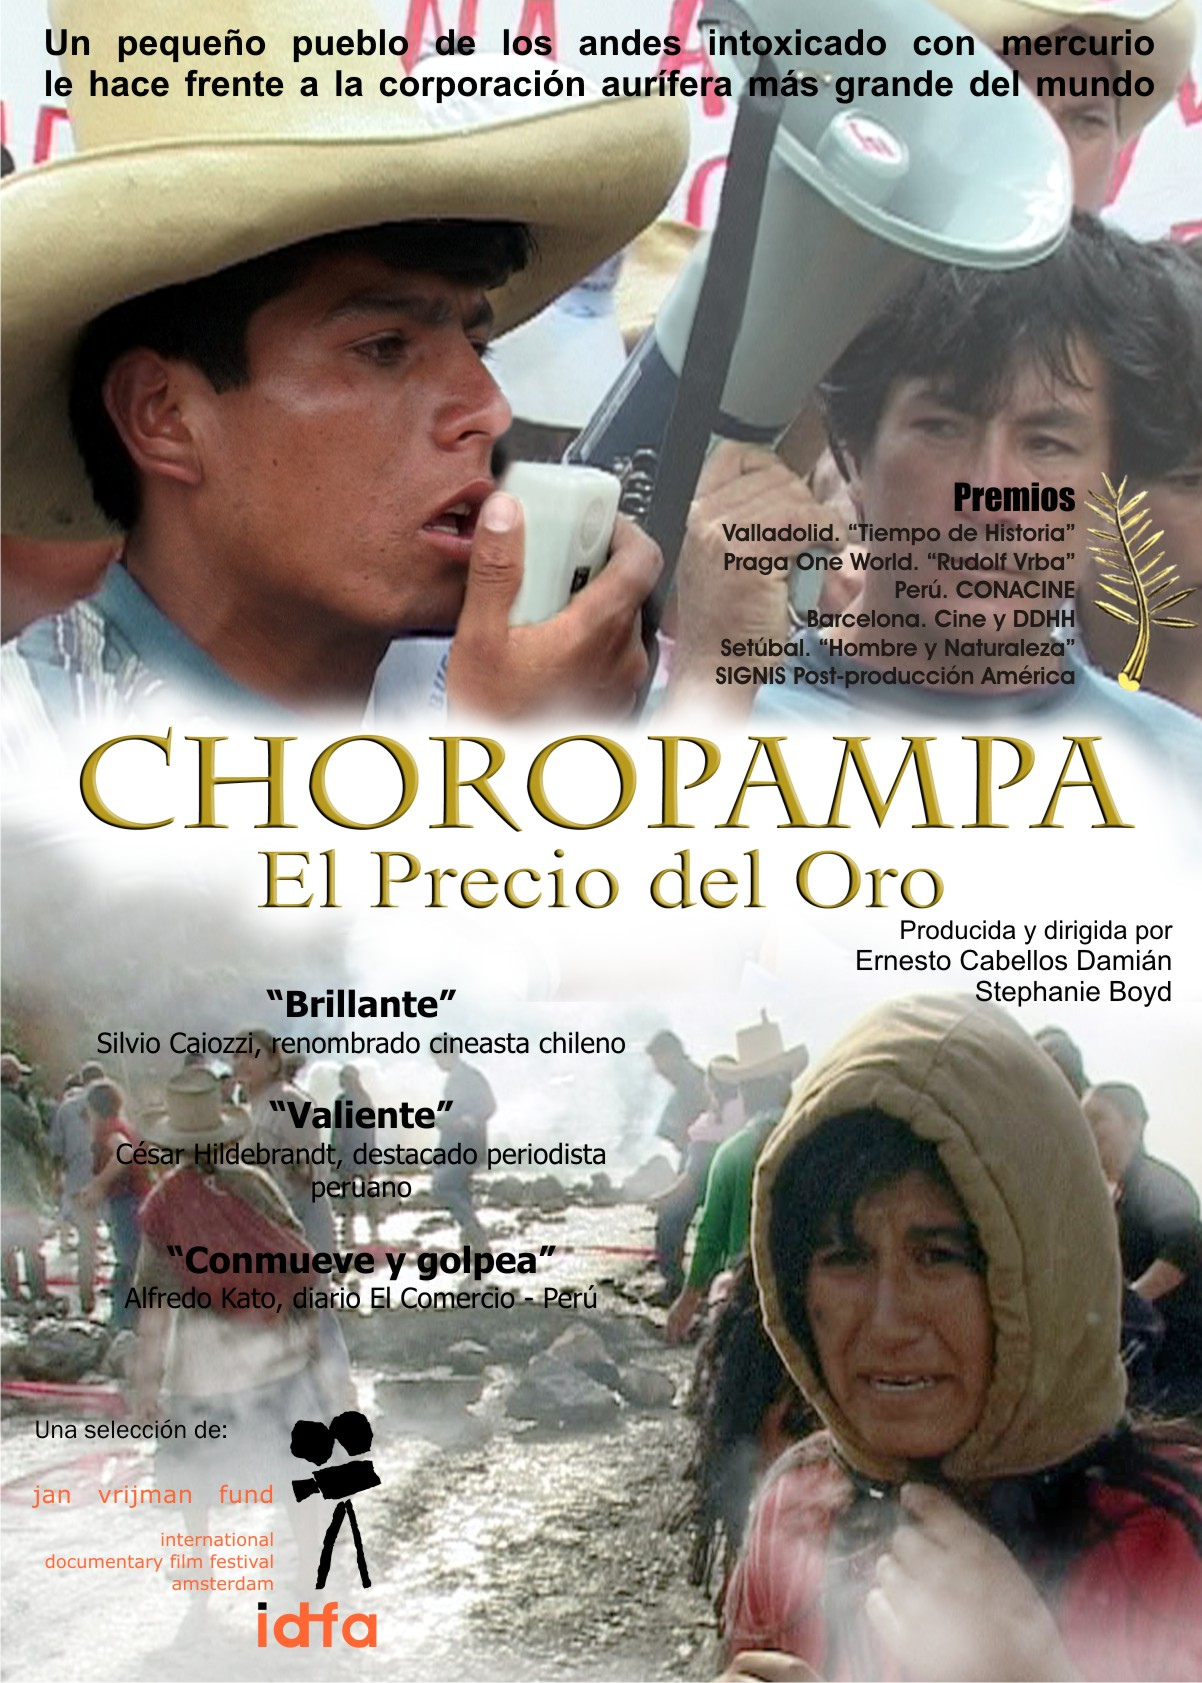 Choropampa: El precio del oro (Perú)